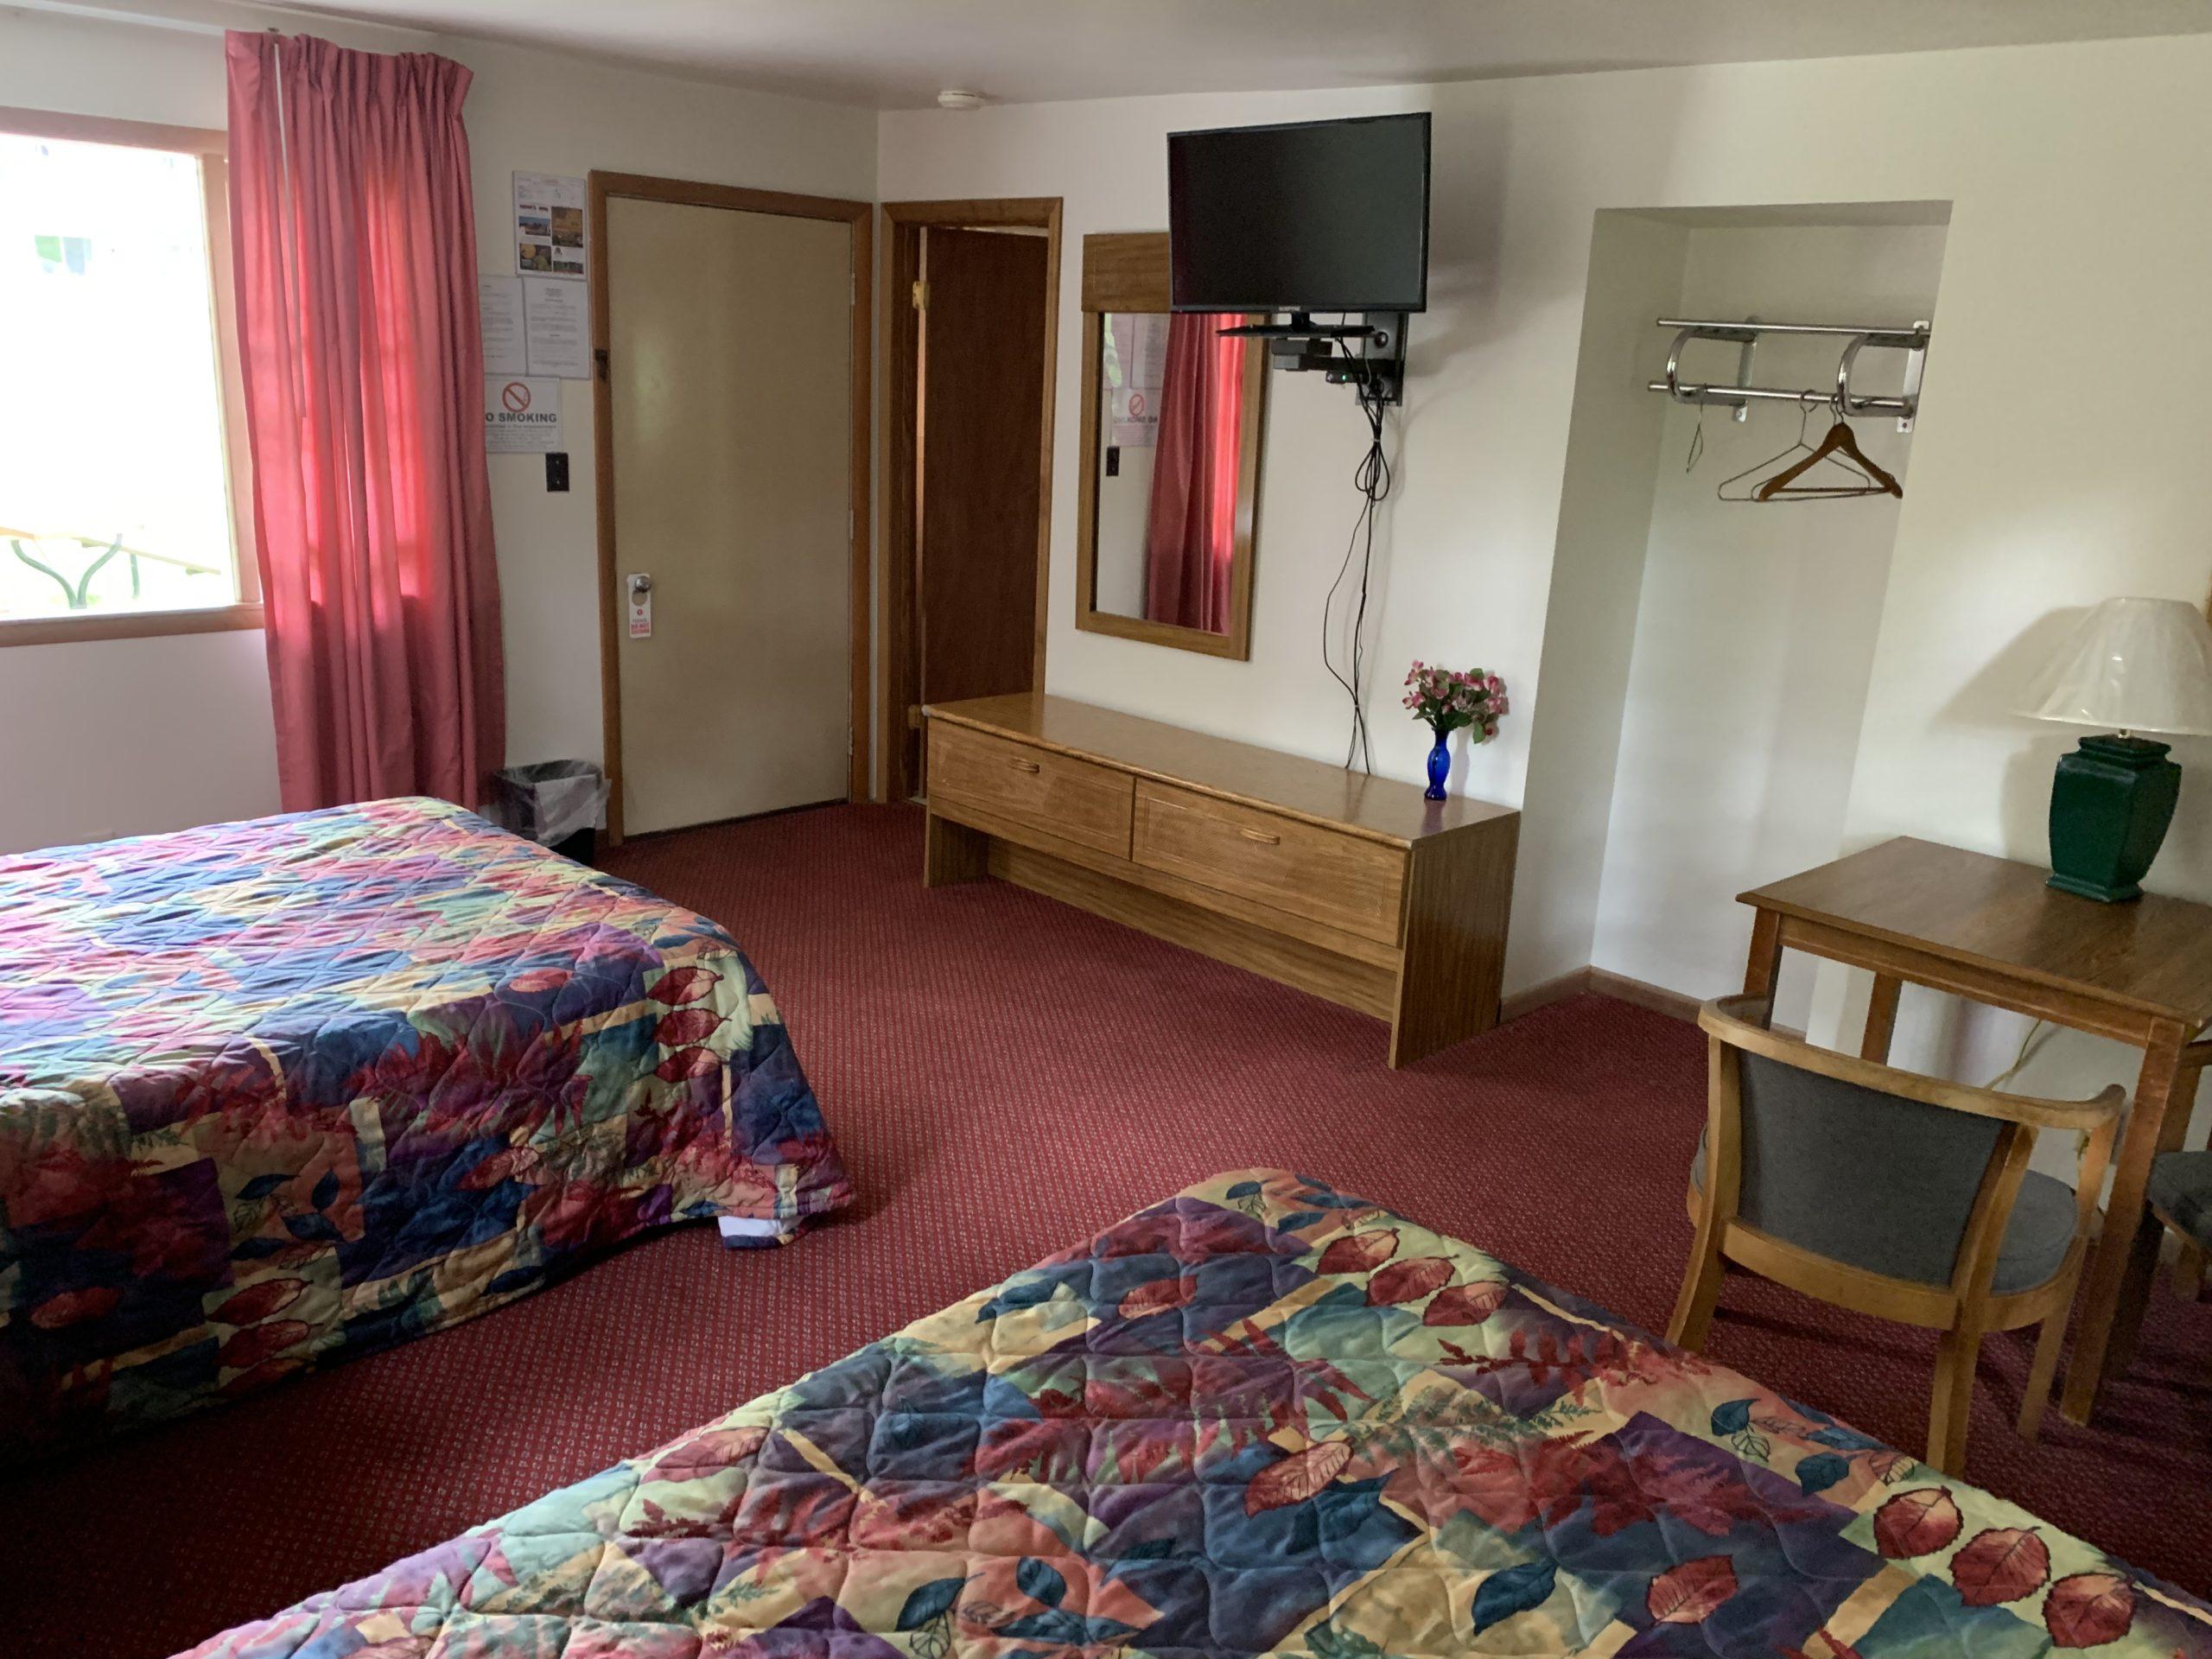 2 double beds Economy Room